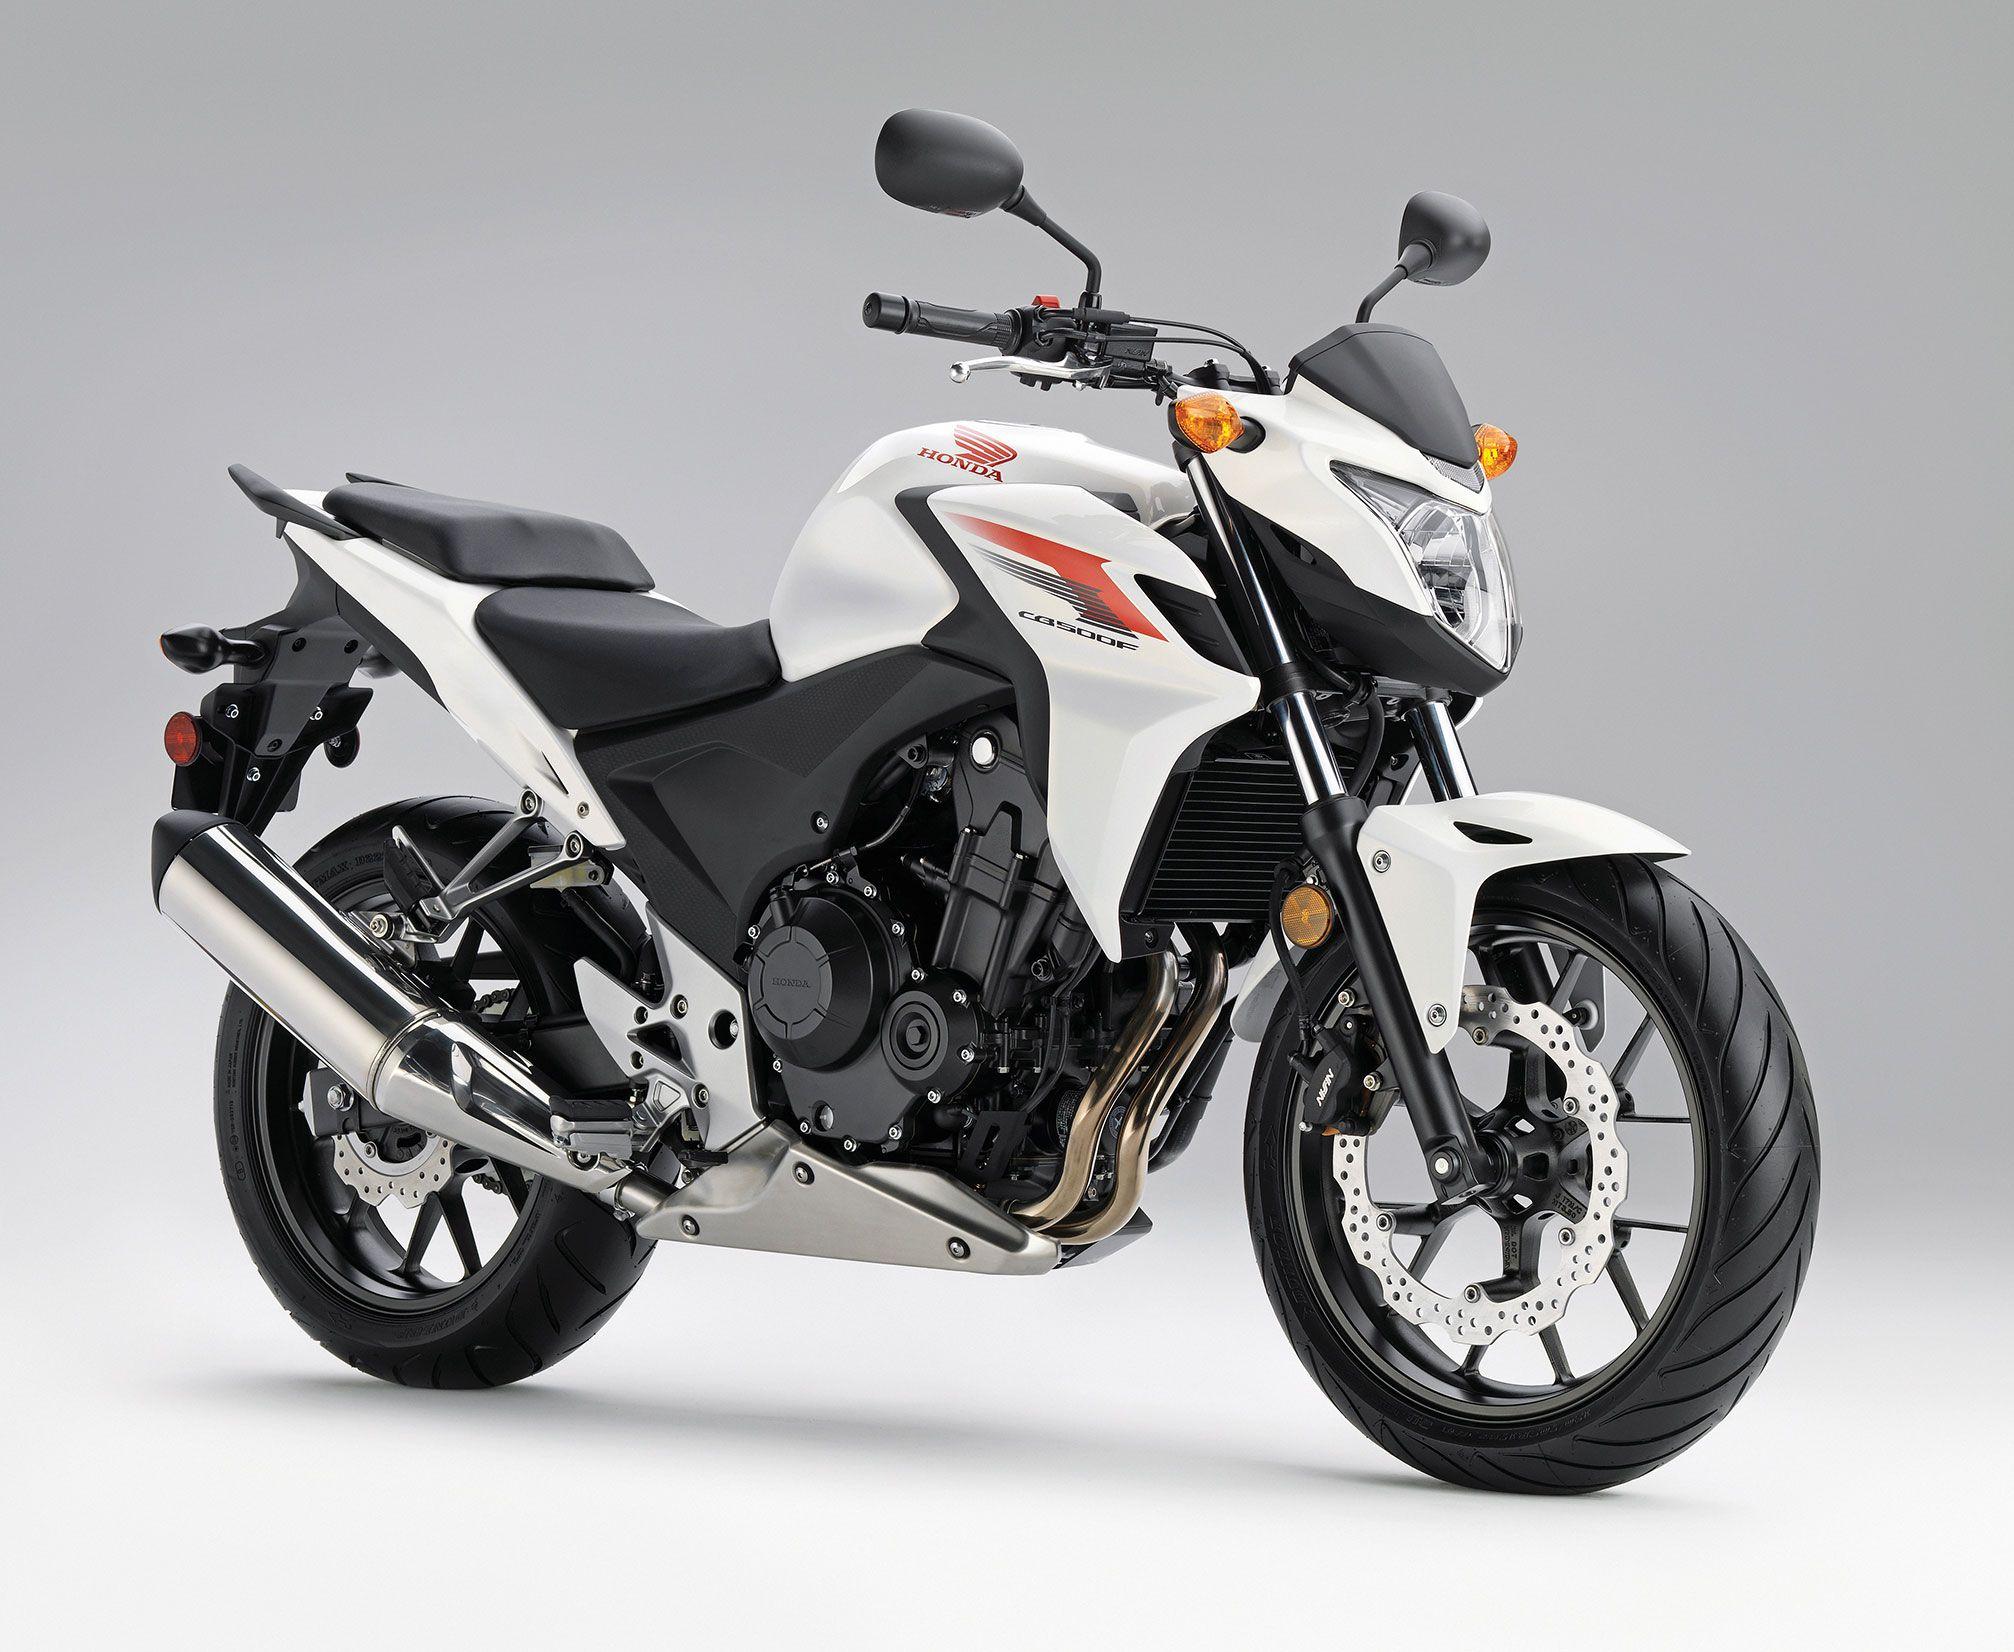 Honda CBR500R and CB500F Recalled For Fuel Level Sensor ...